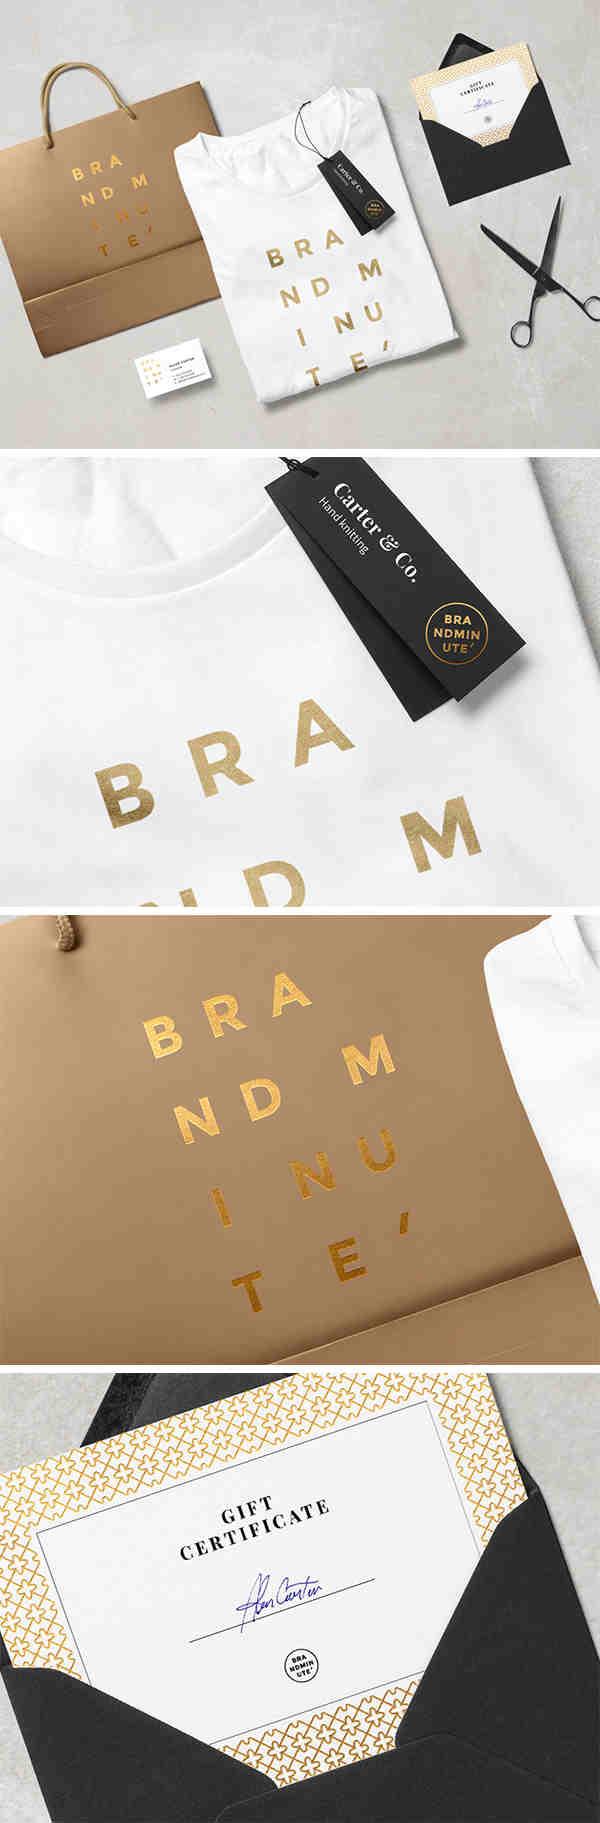 Brandminute Identity Mockup Scene